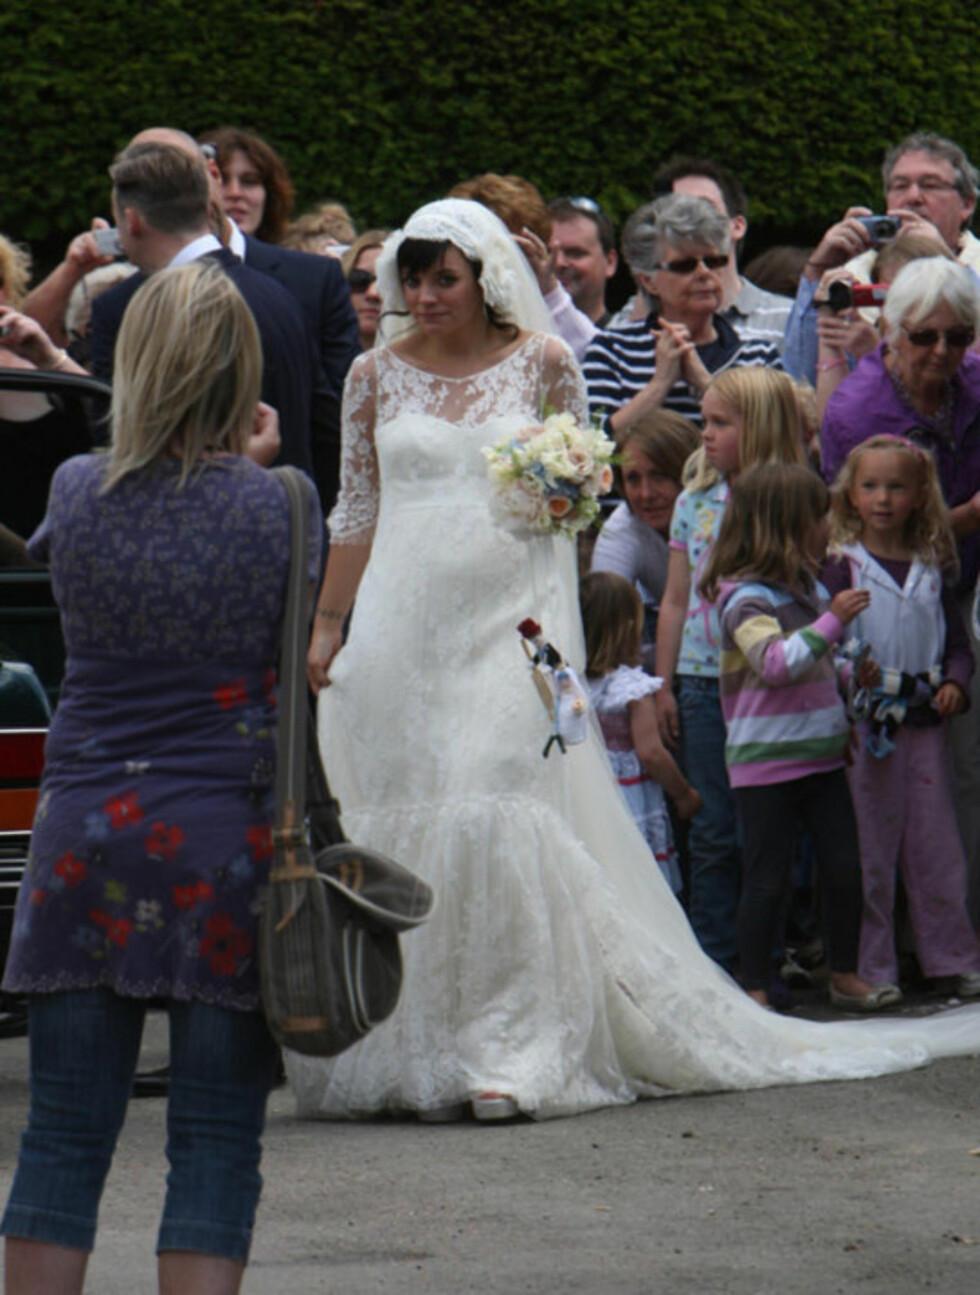 KUL MED KUL: Brud Lily Allen lot seg villig fotografere av oppmøtte landsbybeboere - mens den voksende magen var synlig i den 20-tallsinspirerte brudekjolen, som også hadde likhetstrekk med KAte Middletons brudekjole.  Foto: Stella  Pictures